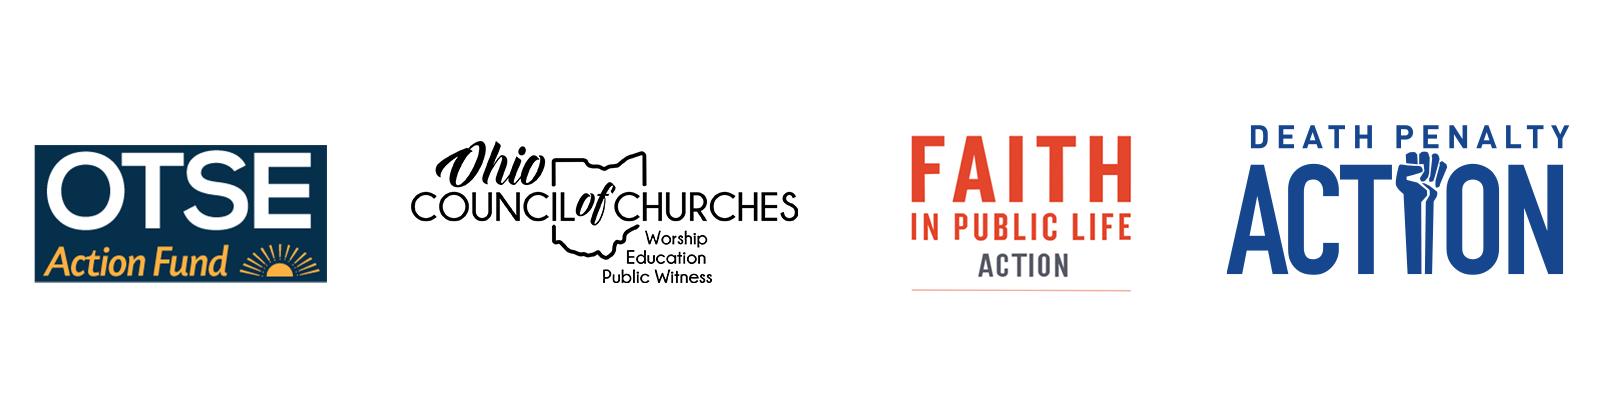 faith letter logos 3.8.21